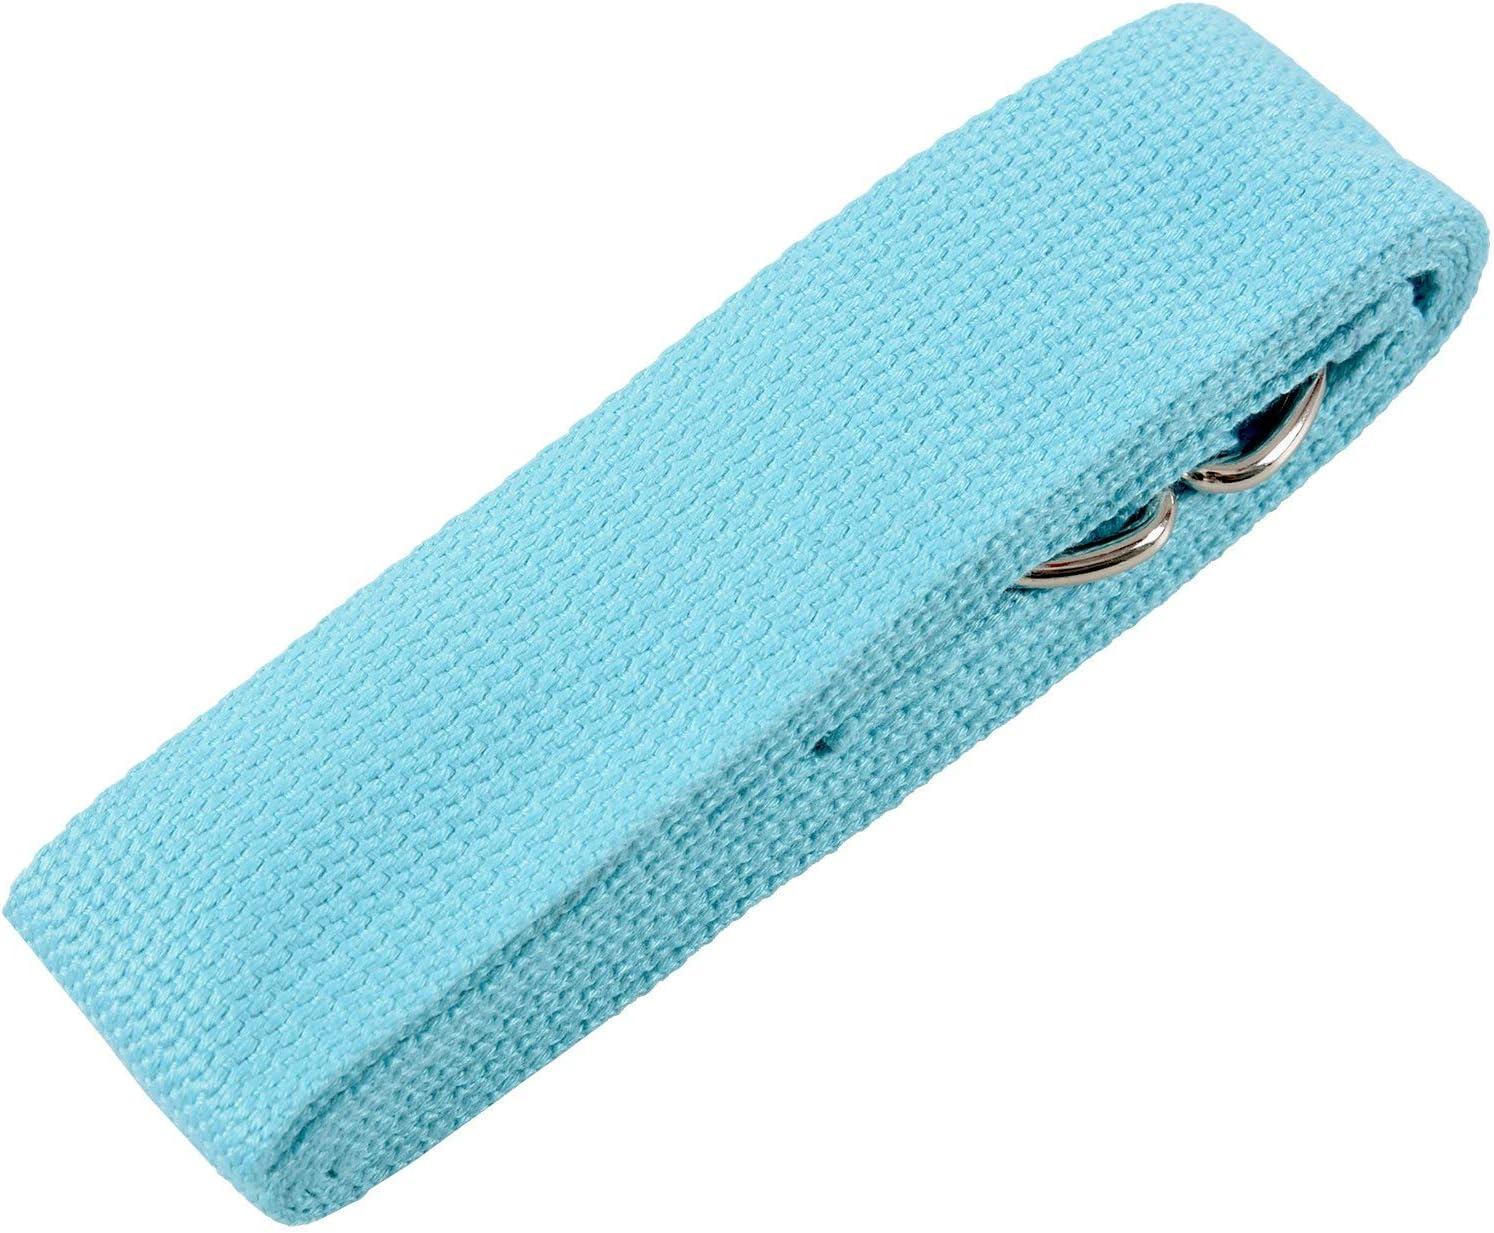 Beauneo Accessoires de Yoga Taille Reglable de Fitness de Jambe Sangle dentrainement de Stretch de la Longueur de 180 CM avec Anneau-D,Ceinture en Coton avec Boucle Violet Leger